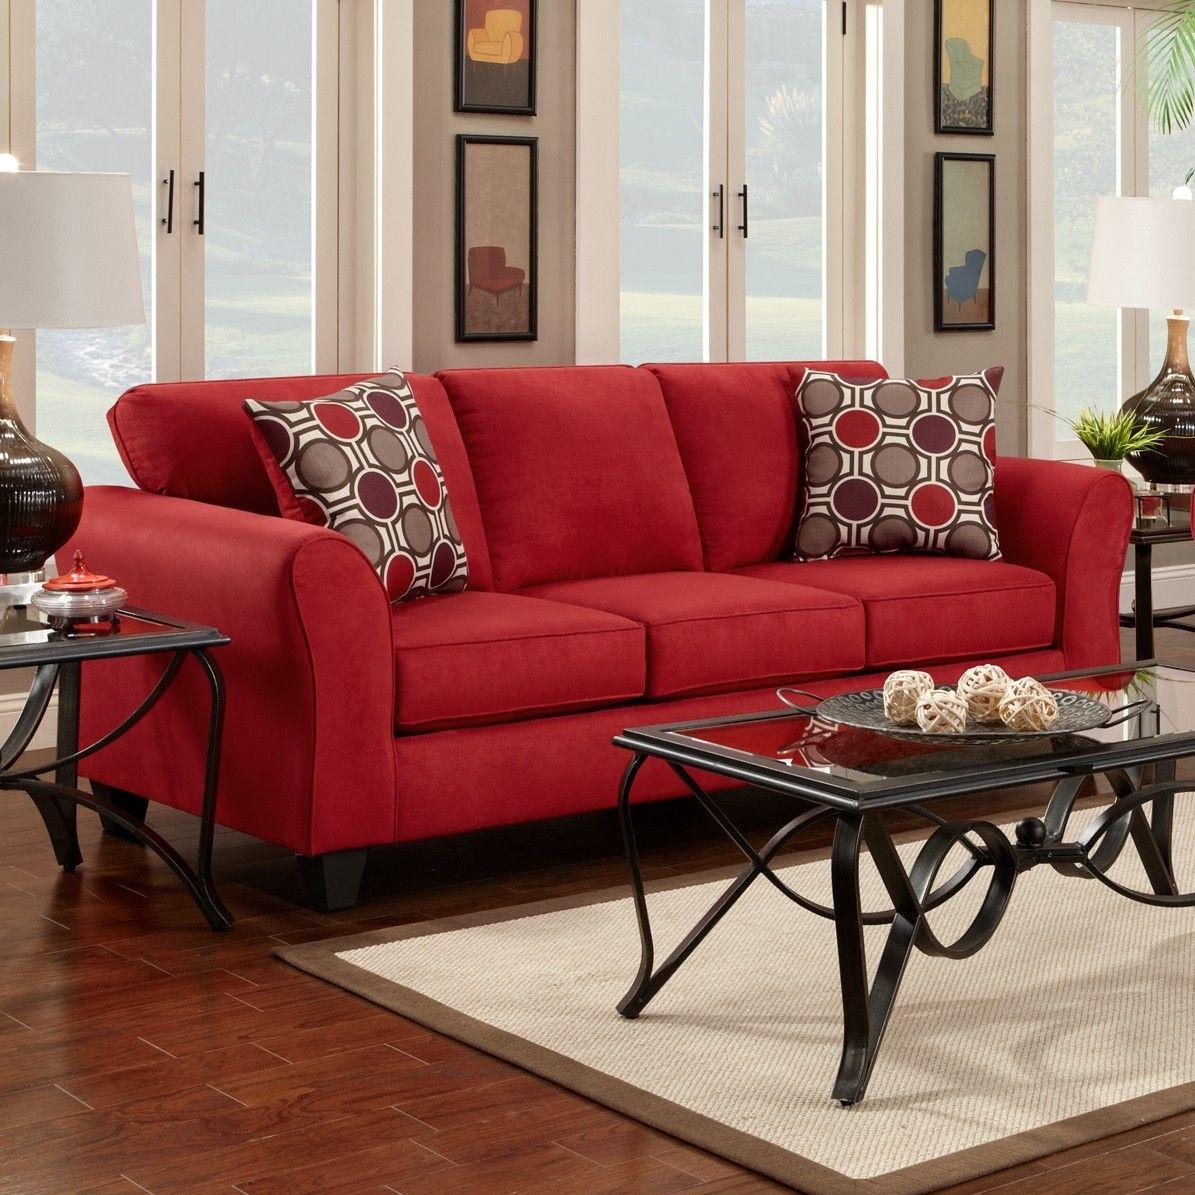 Lee Furniture Patriot Sofa U0026 Reviews | Wayfair